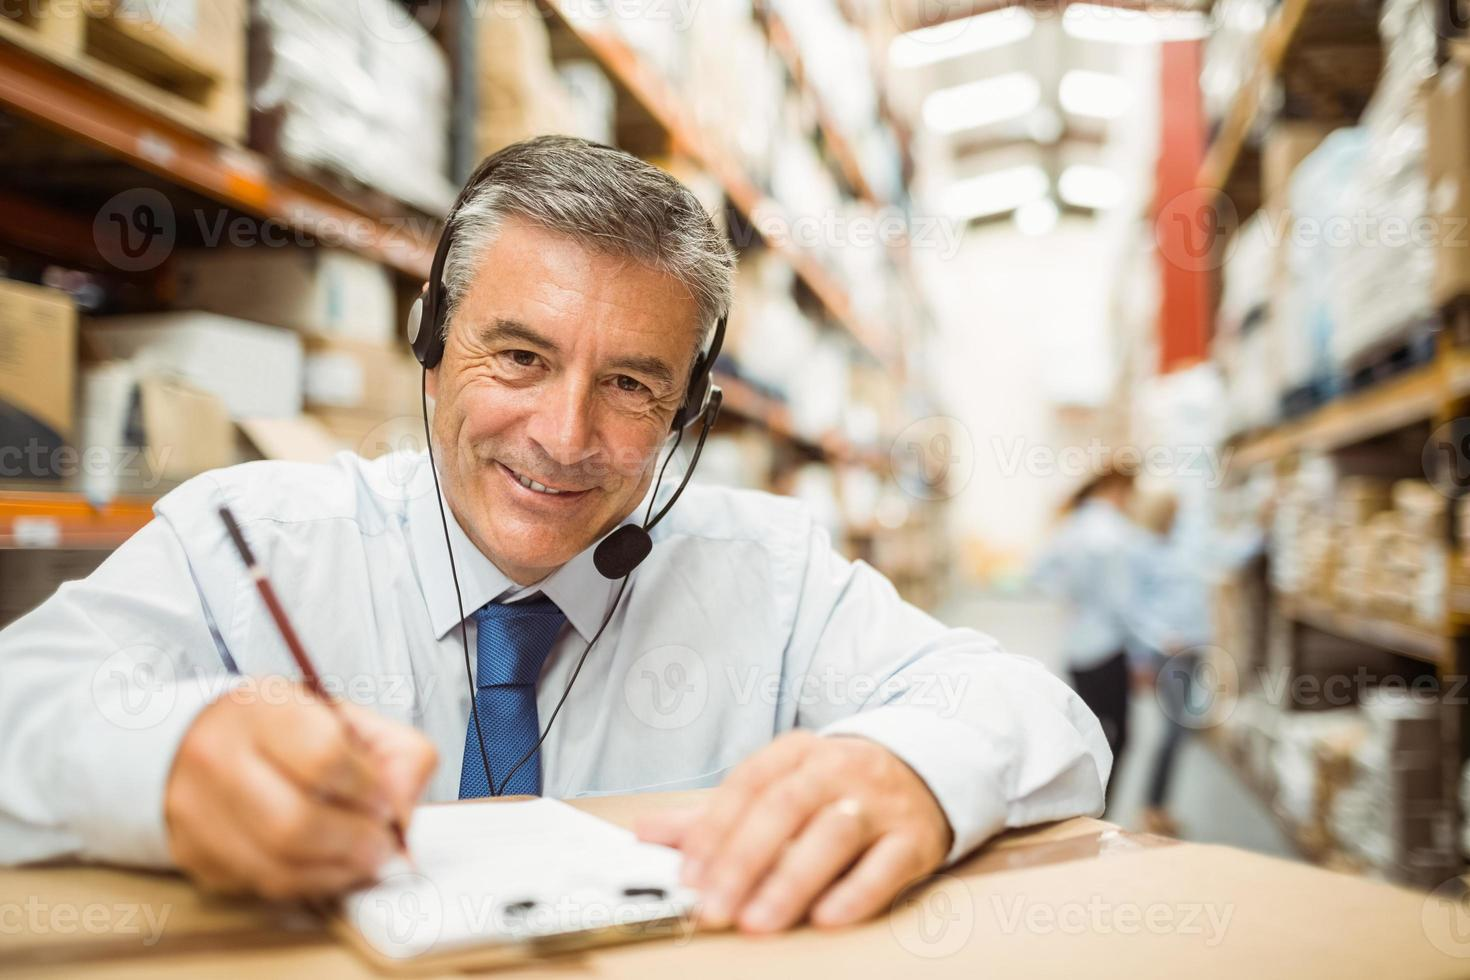 responsabile sorridente del magazzino che scrive sulla lavagna per appunti foto